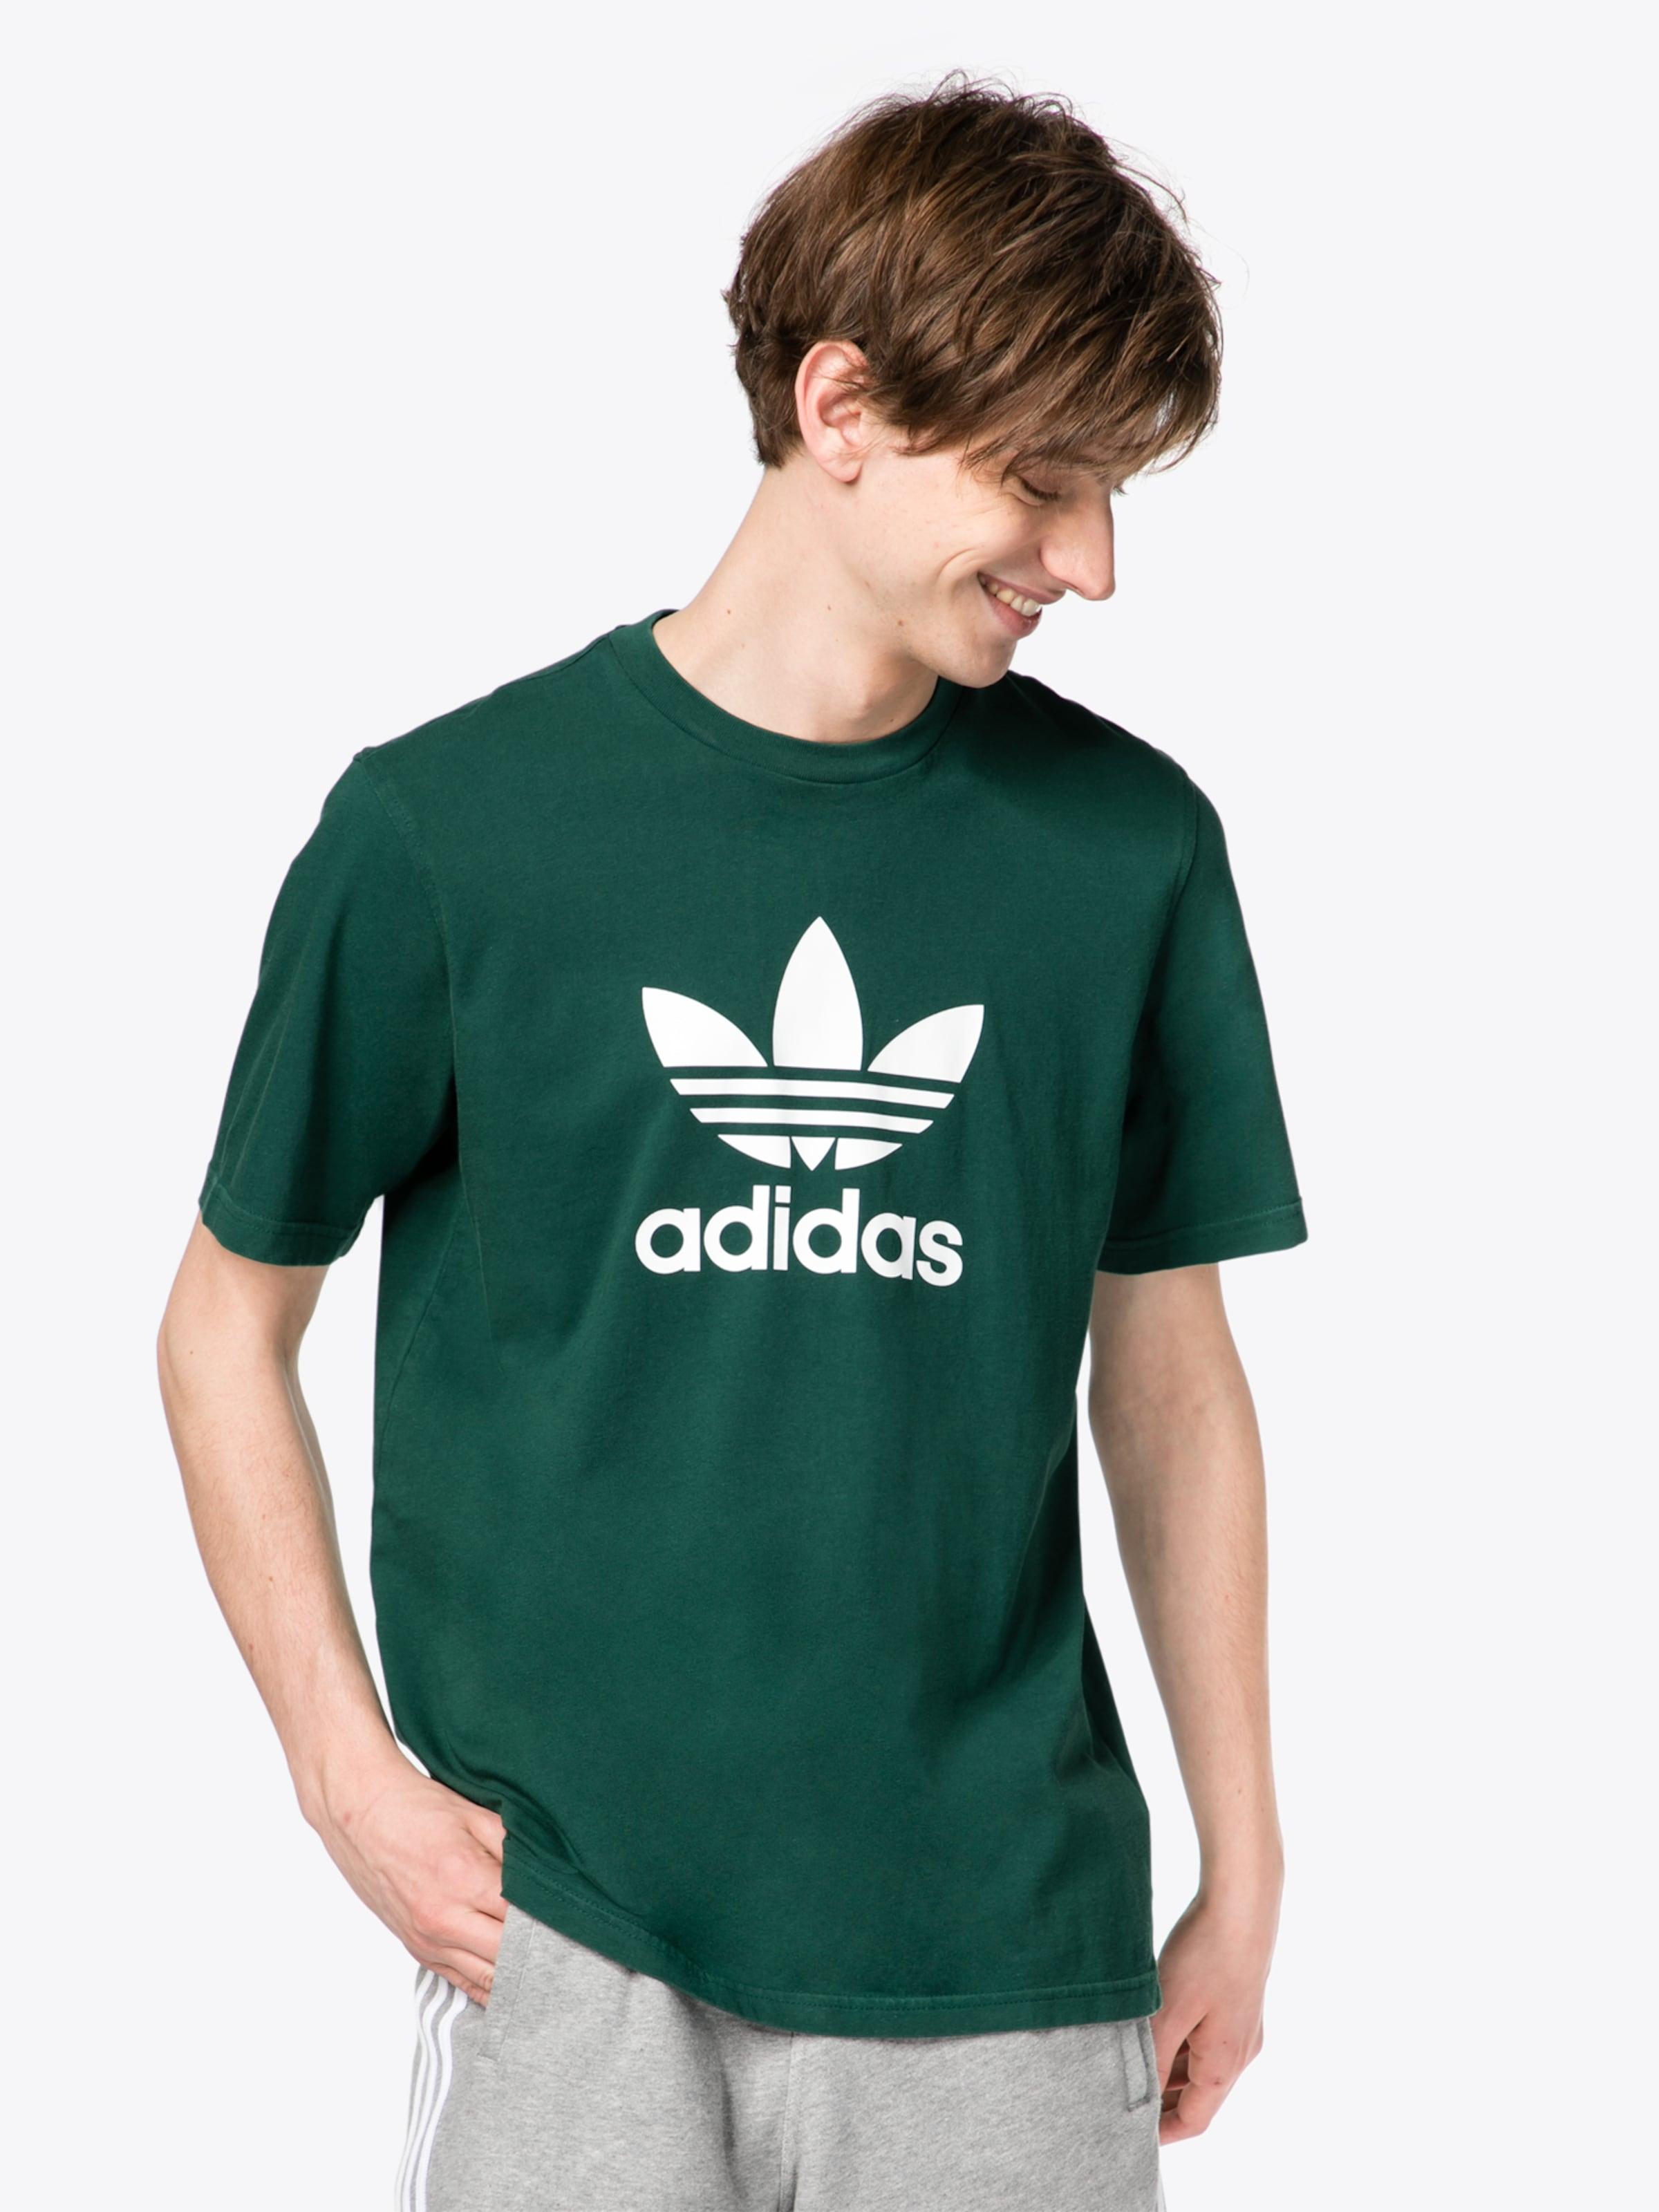 Verkauf Komfortabel Pay Online Mit Visa-Verkauf ADIDAS ORIGINALS T-Shirt 'TREFOIL' Billig Verkauf Bester Großhandel cfziRX7zZQ